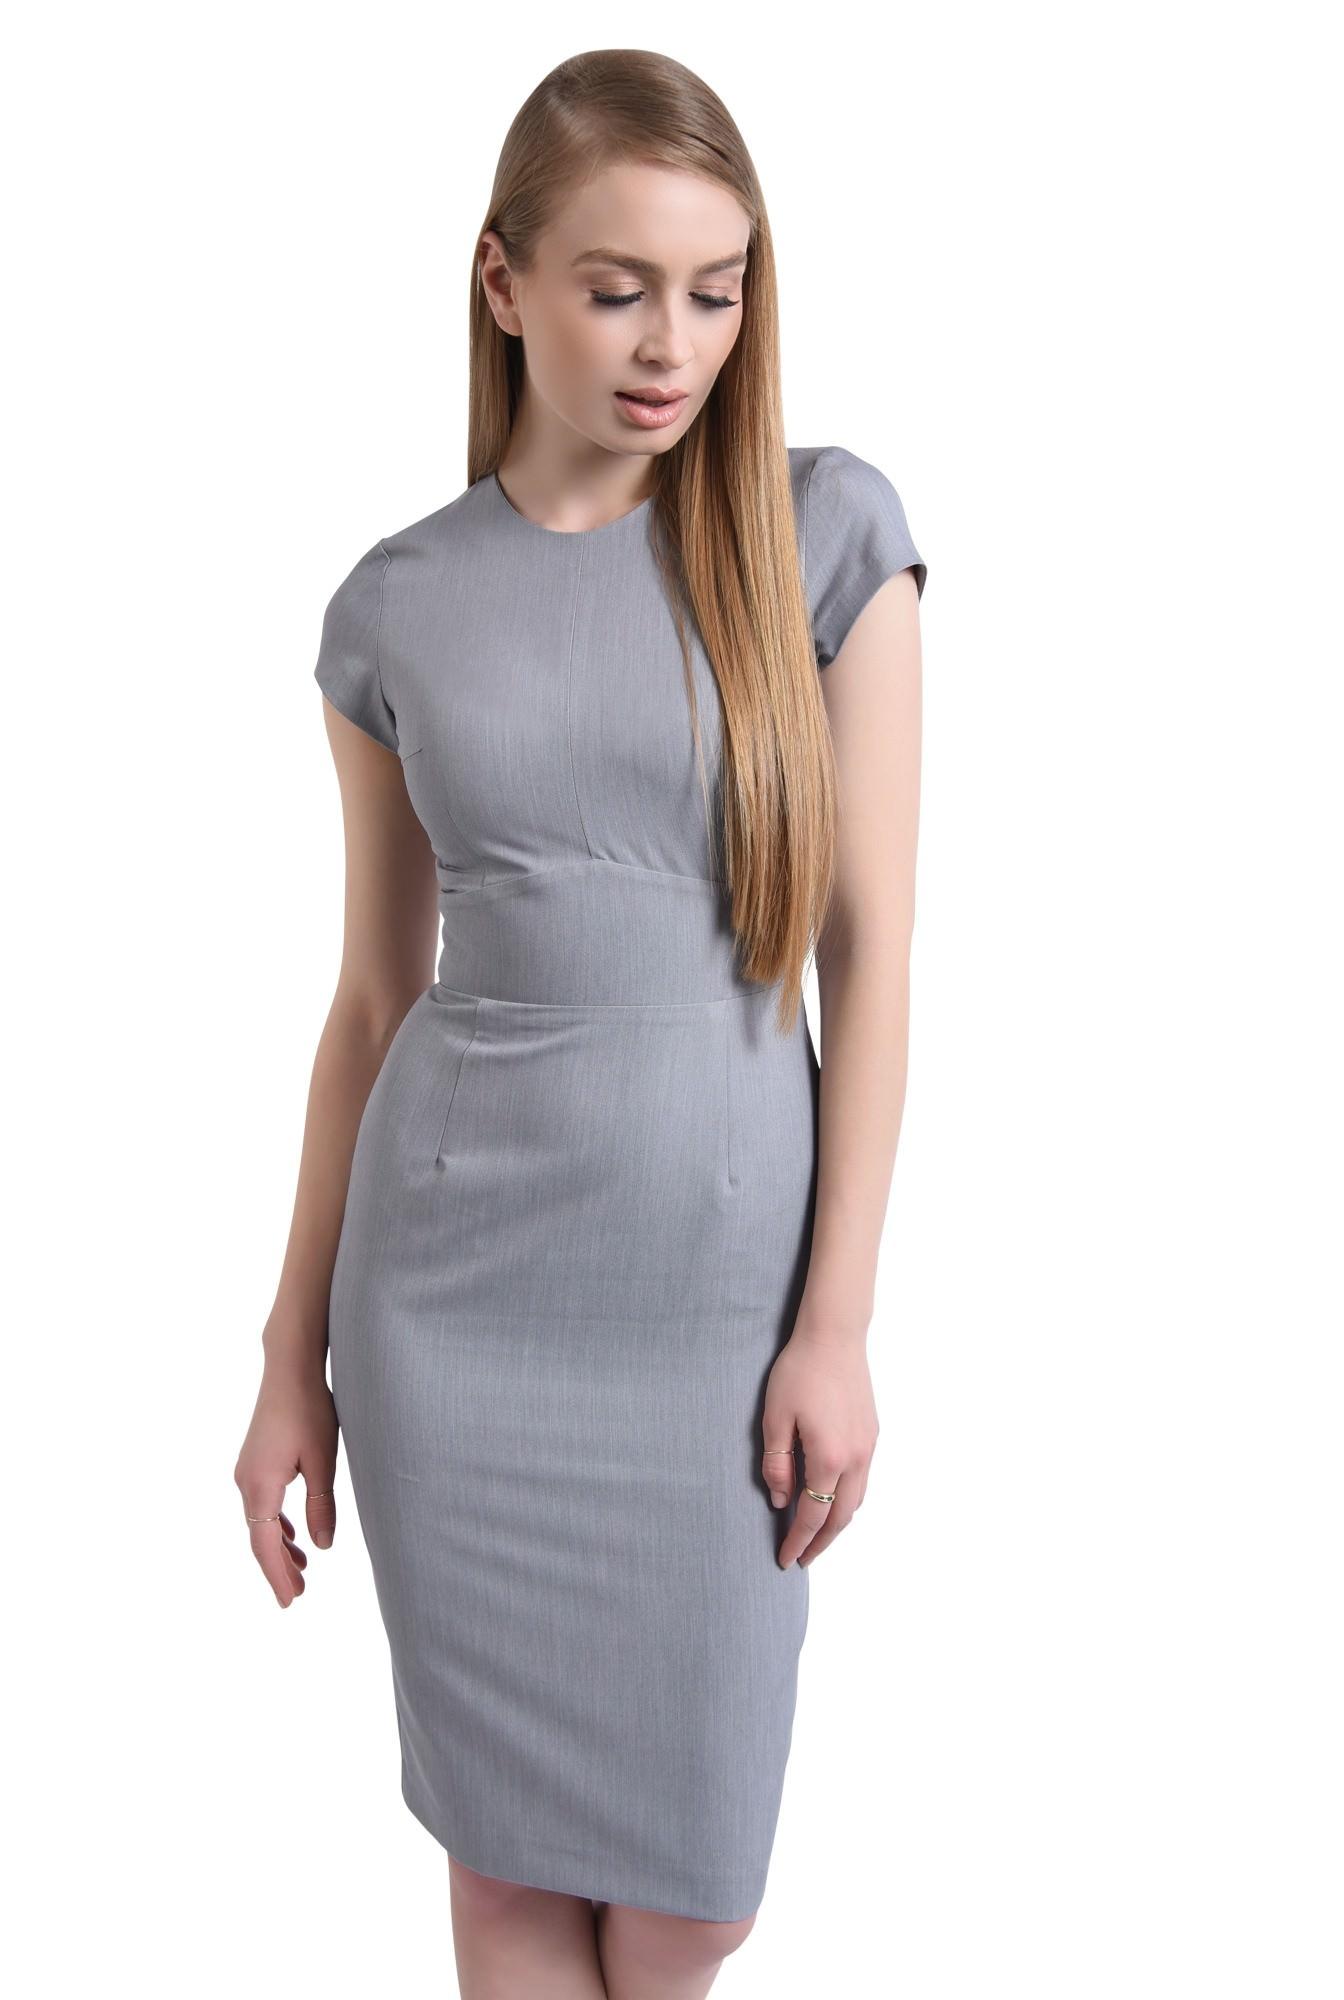 Rochie de zi, tesatura gri